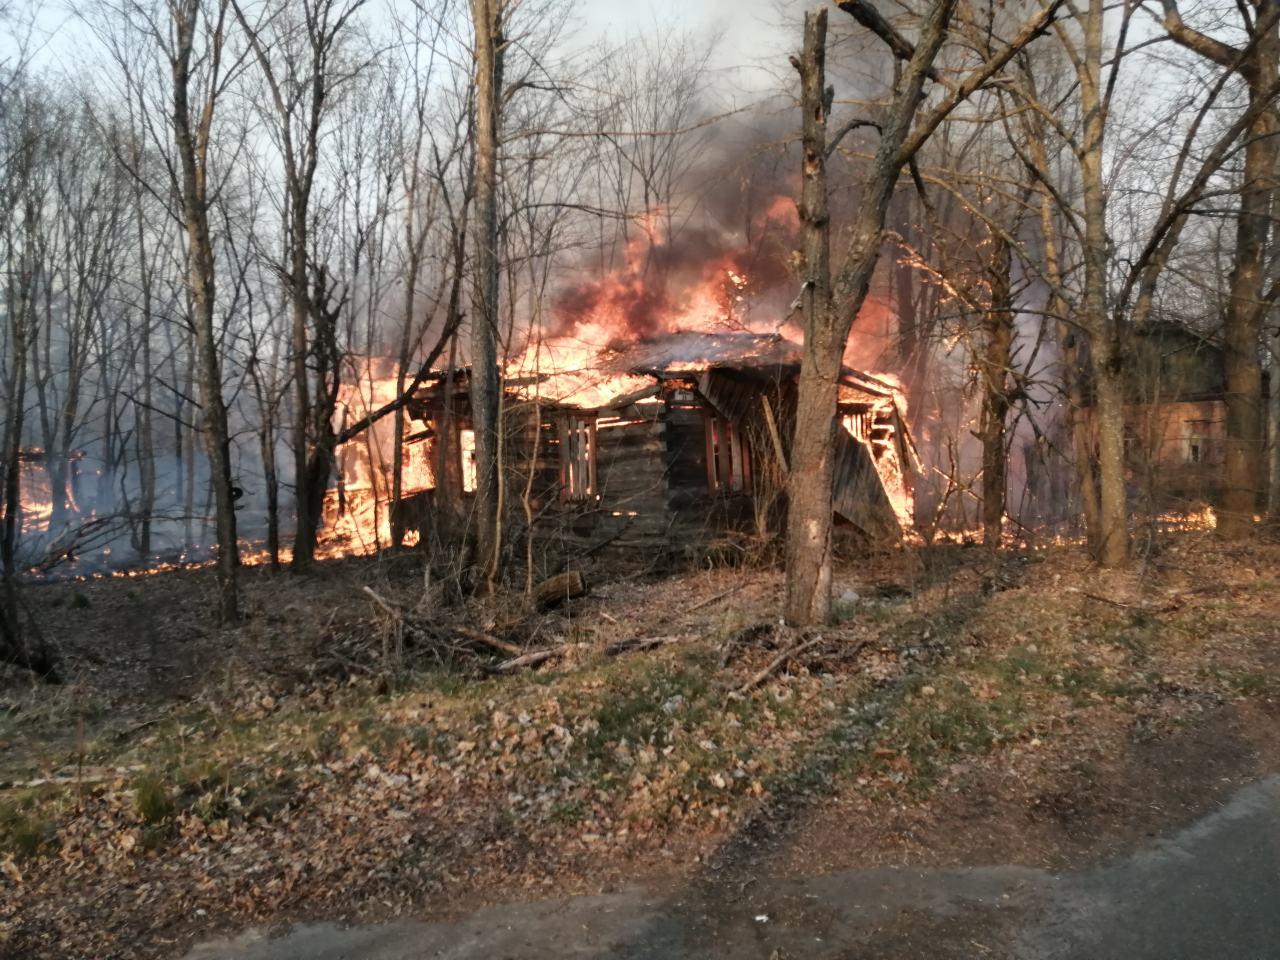 У Зоні відчуження продовжуються пожежі (ФОТО, ВІДЕО) - пожежі, Зона відчуження - viber image 2020 04 09 19 44 25